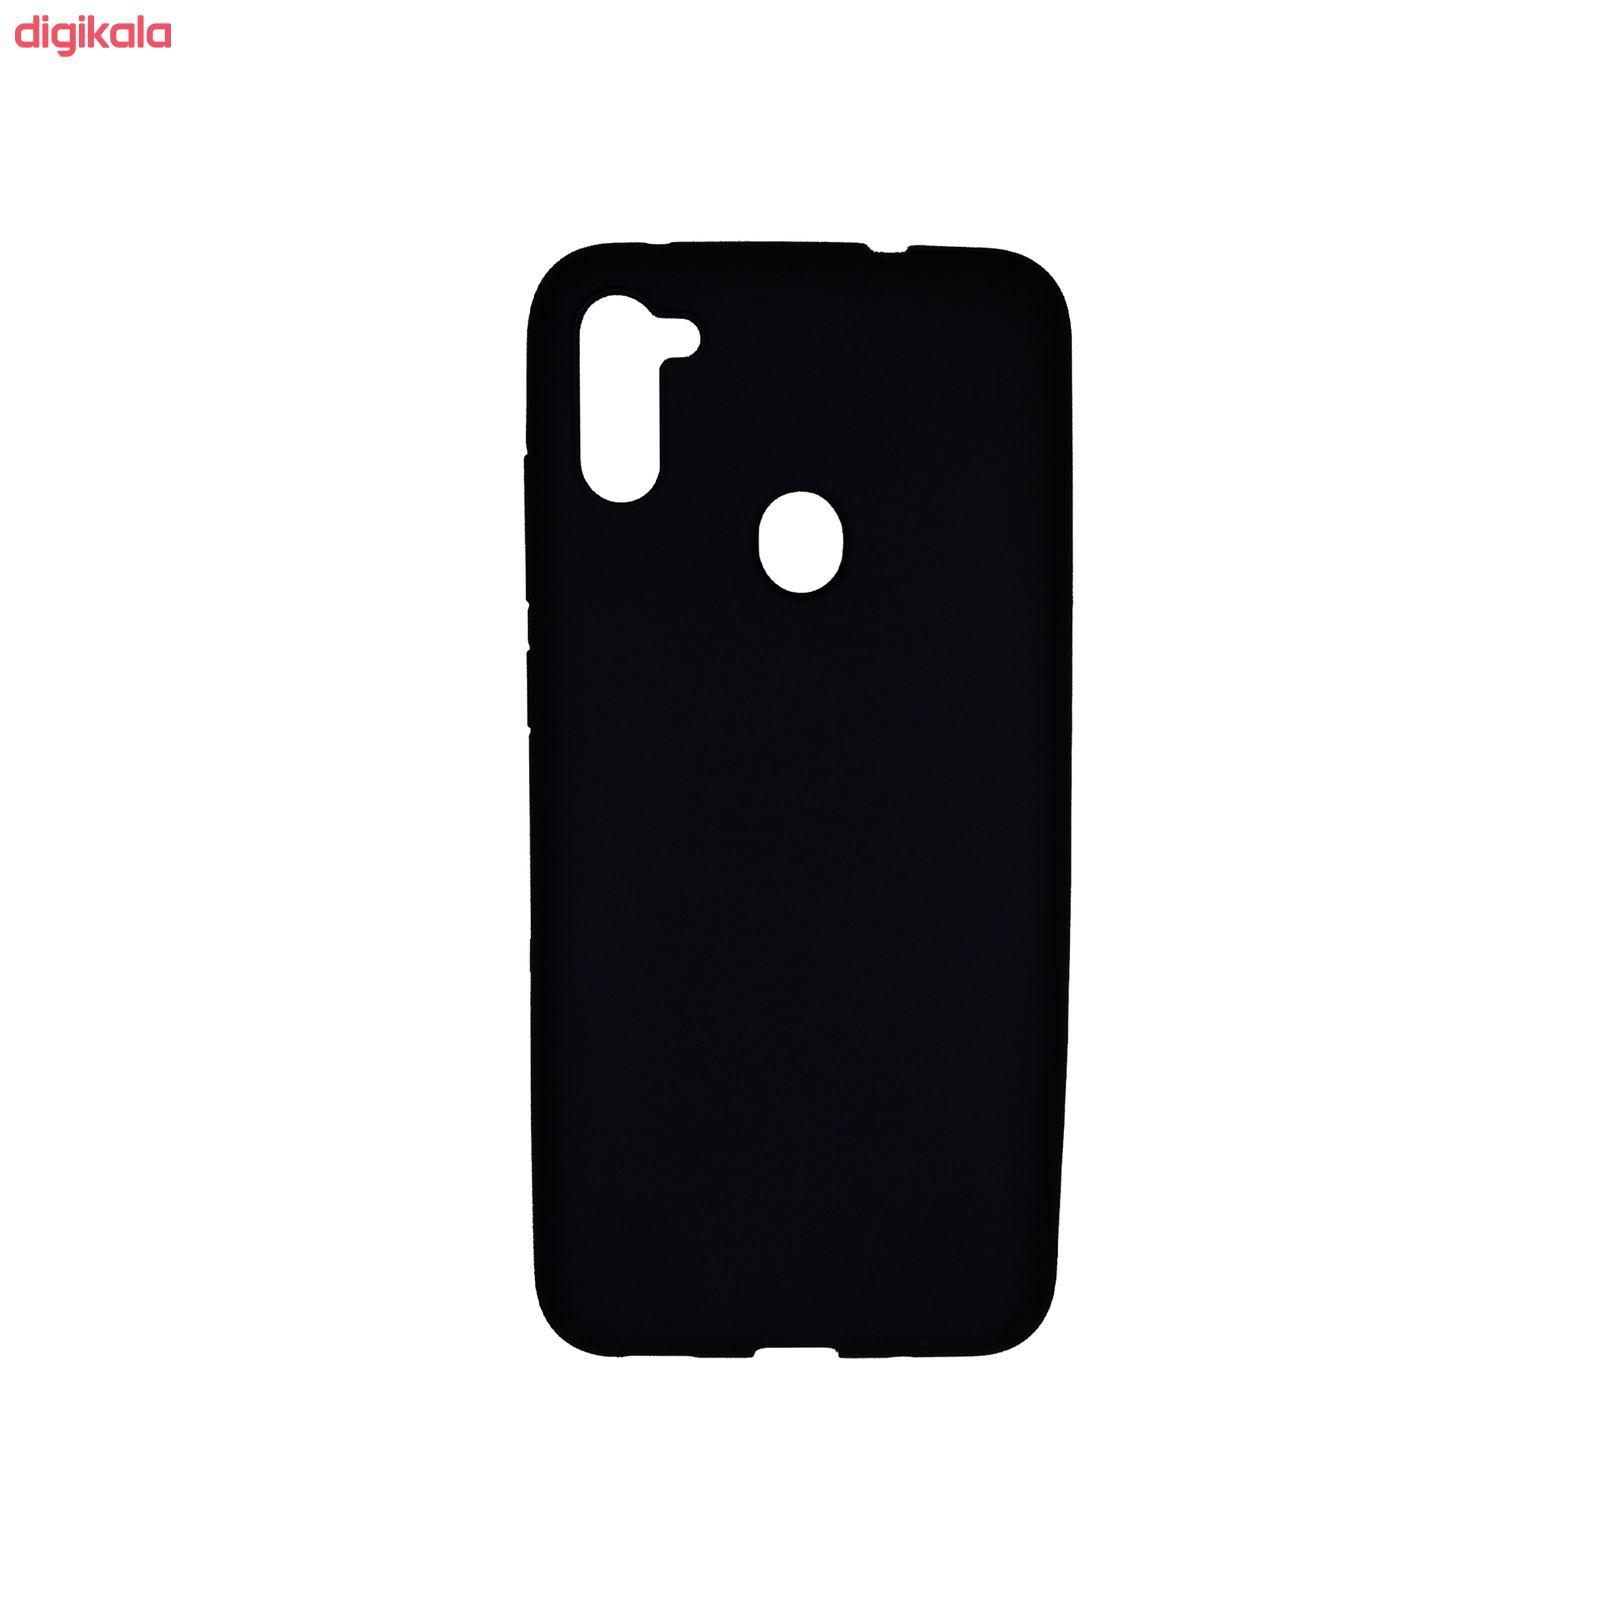 کاور مدل GD-1 مناسب برای گوشی موبایل سامسونگ Galaxy A11 main 1 1